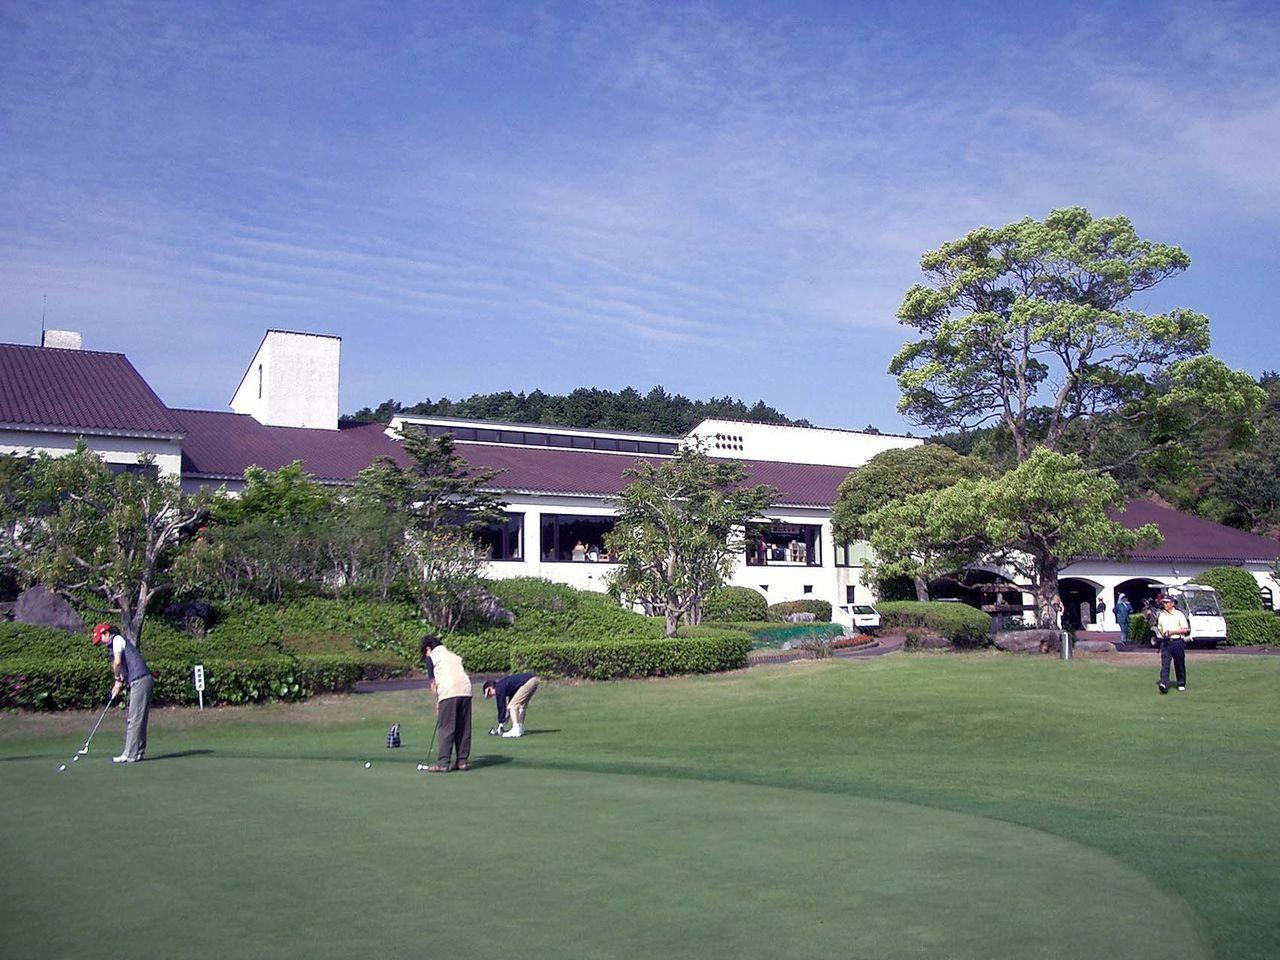 倶楽部 三島 ゴルフ